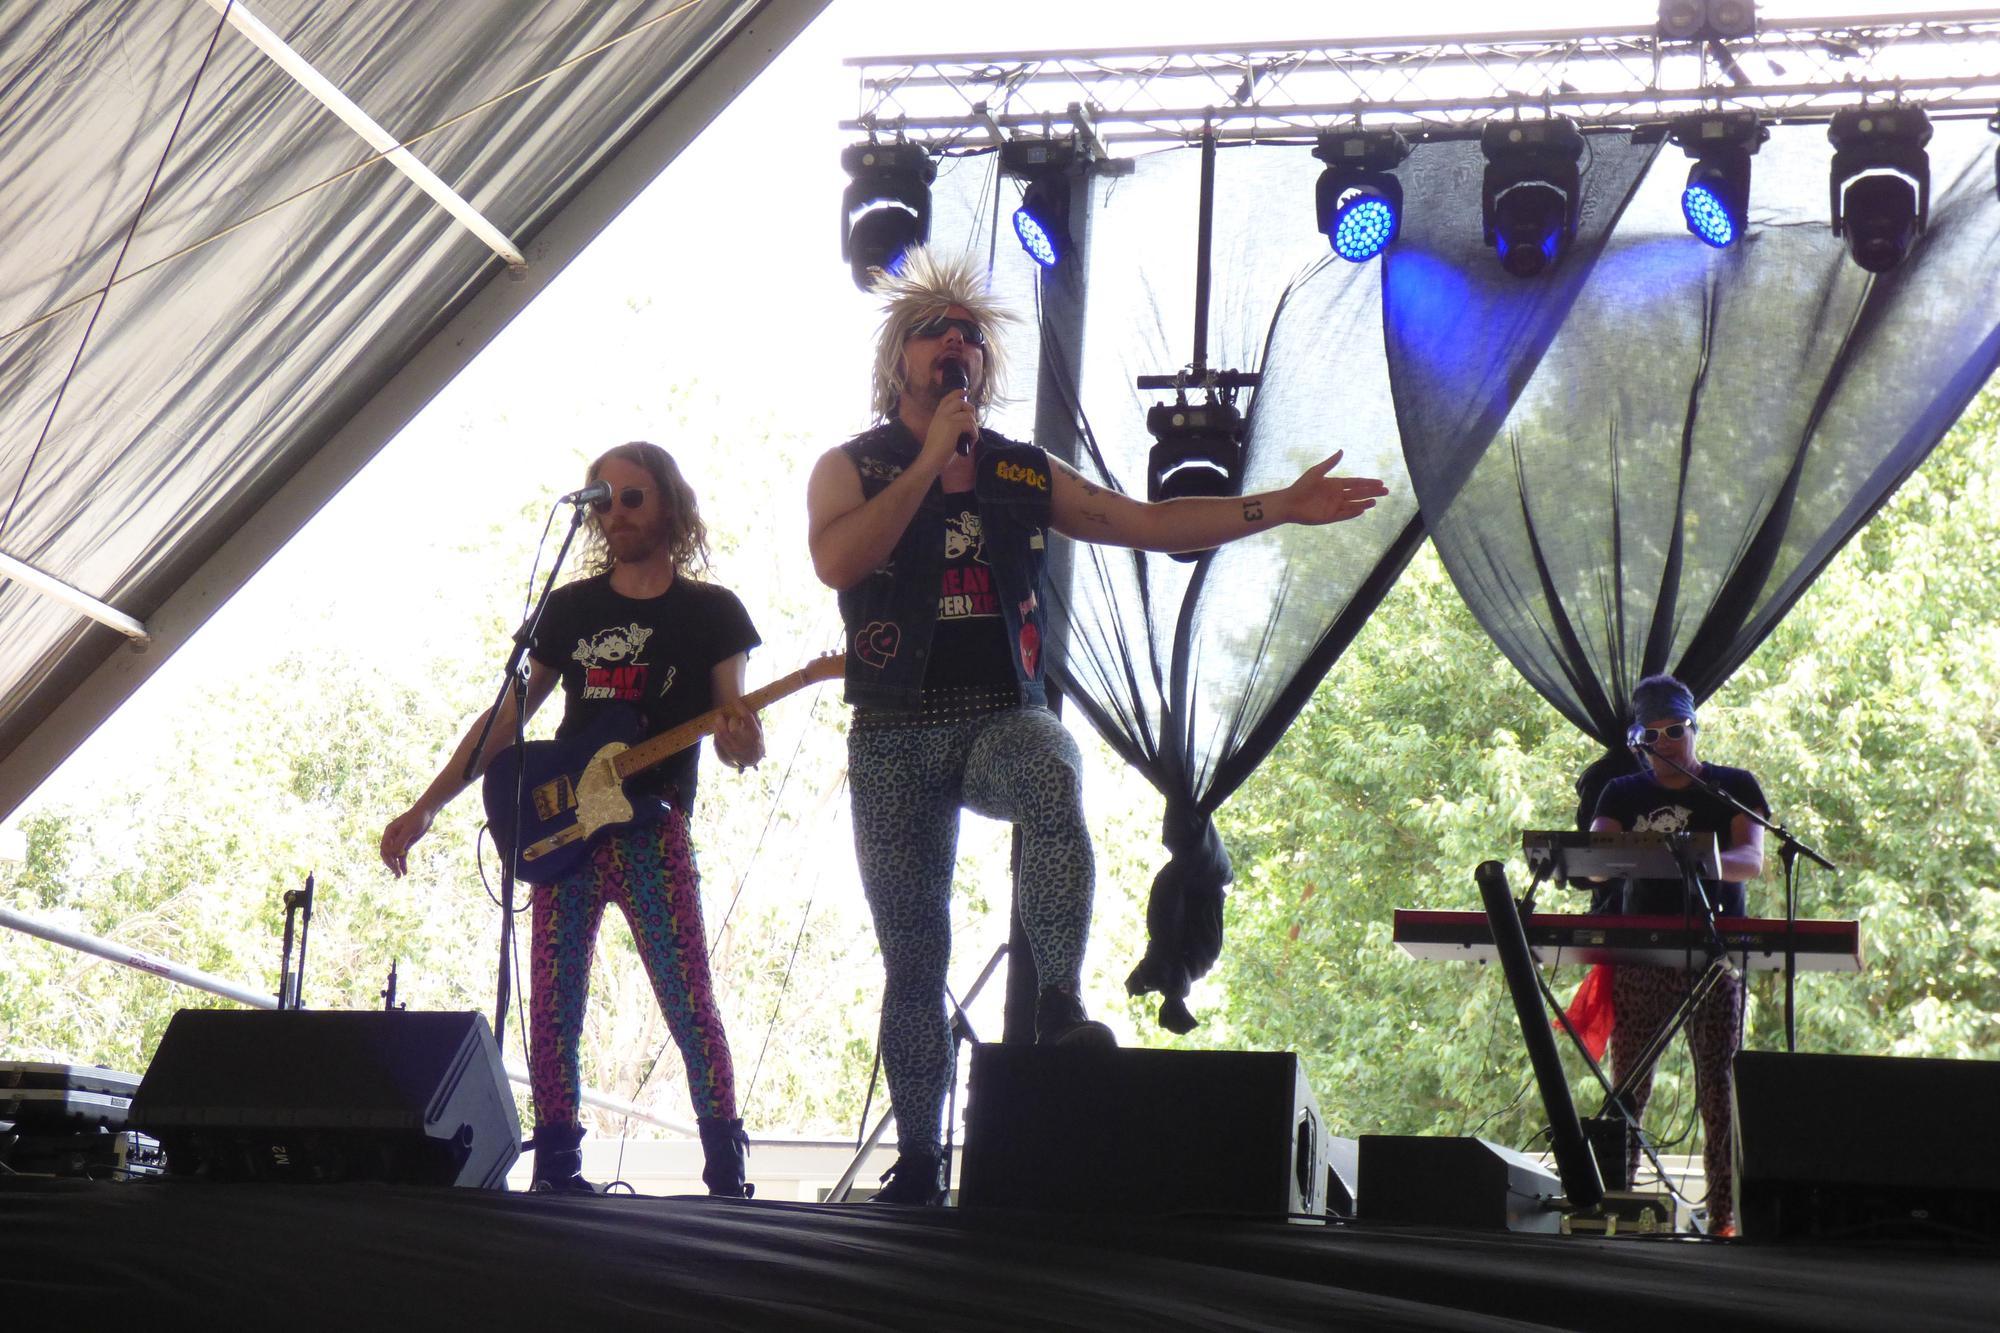 Concert de Heavy per Xics a Figueres